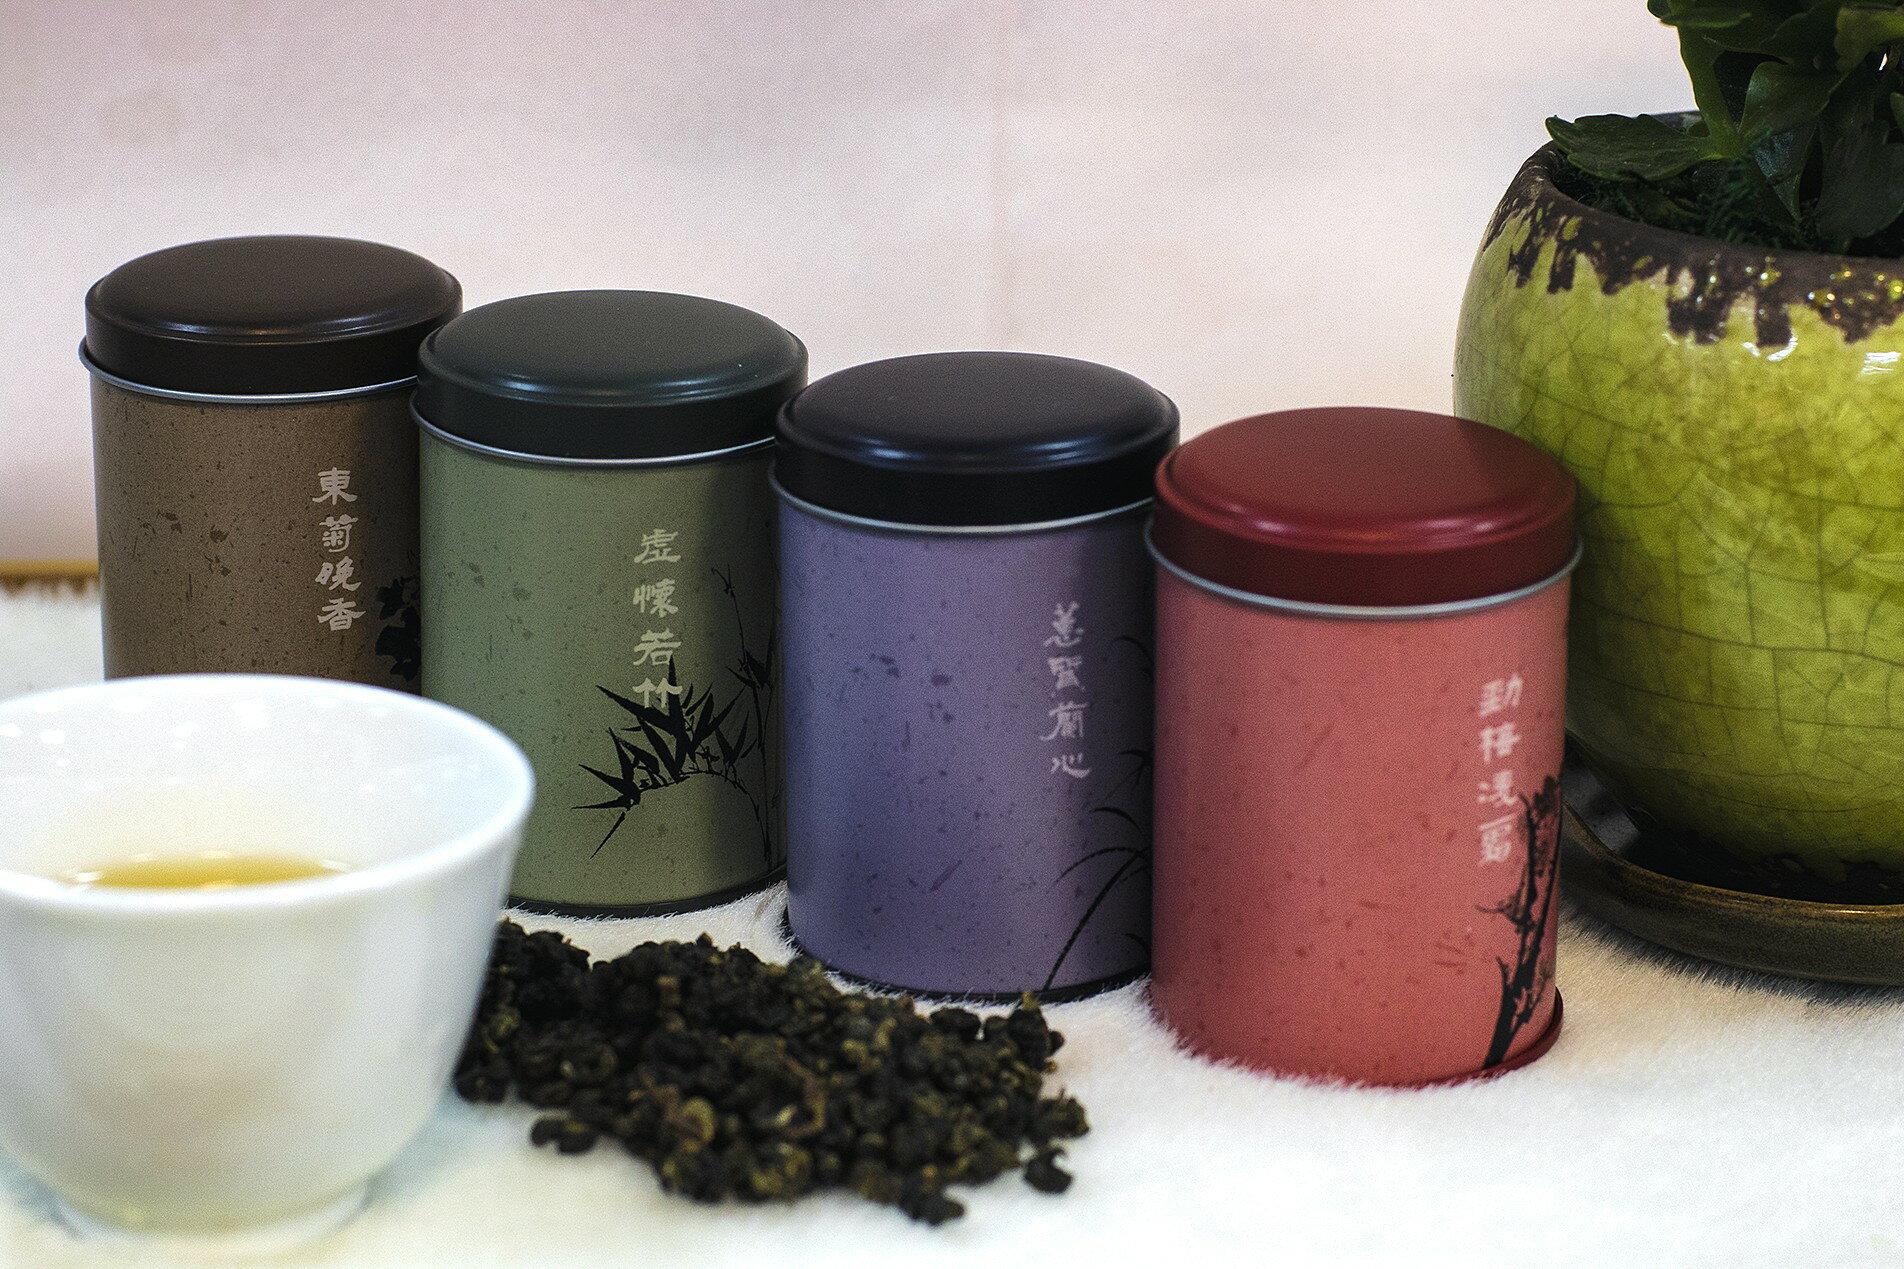 [龍寶咖啡]四君子高雅茗茶組-嚴選台灣好茶木柵鐵觀音茶葉4兩